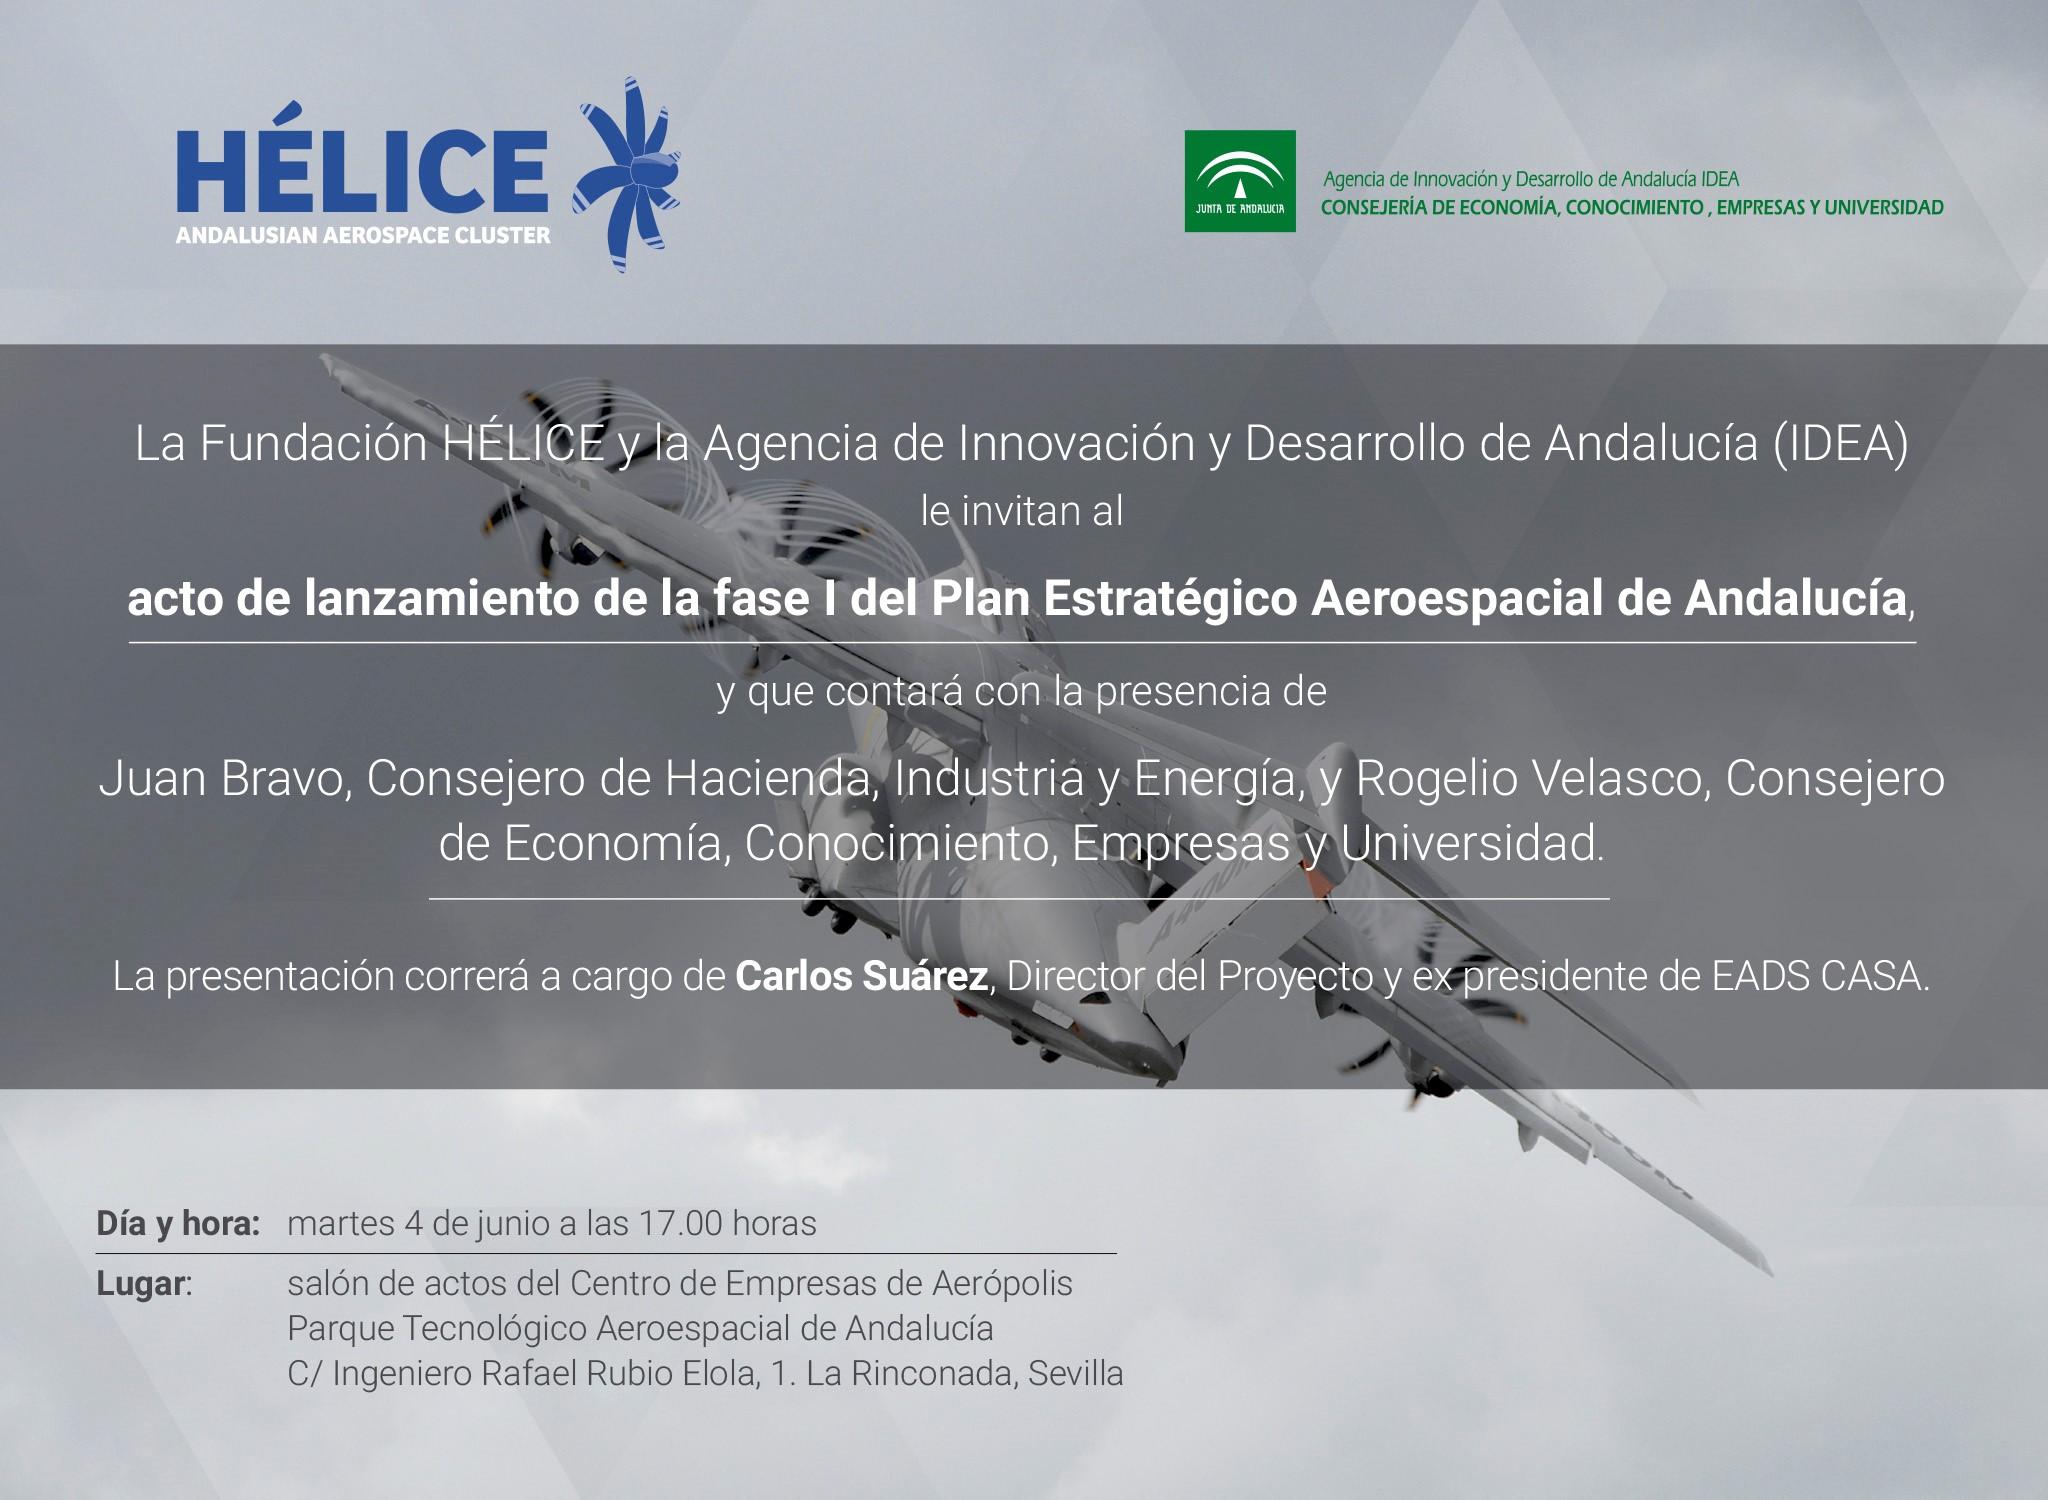 INVITACIÓN ACTO DE LANZAMIENTO DE LA FASE I DEL PLAN ESTRATÉGICO AEROESPACIAL DE ANDALUCÍA